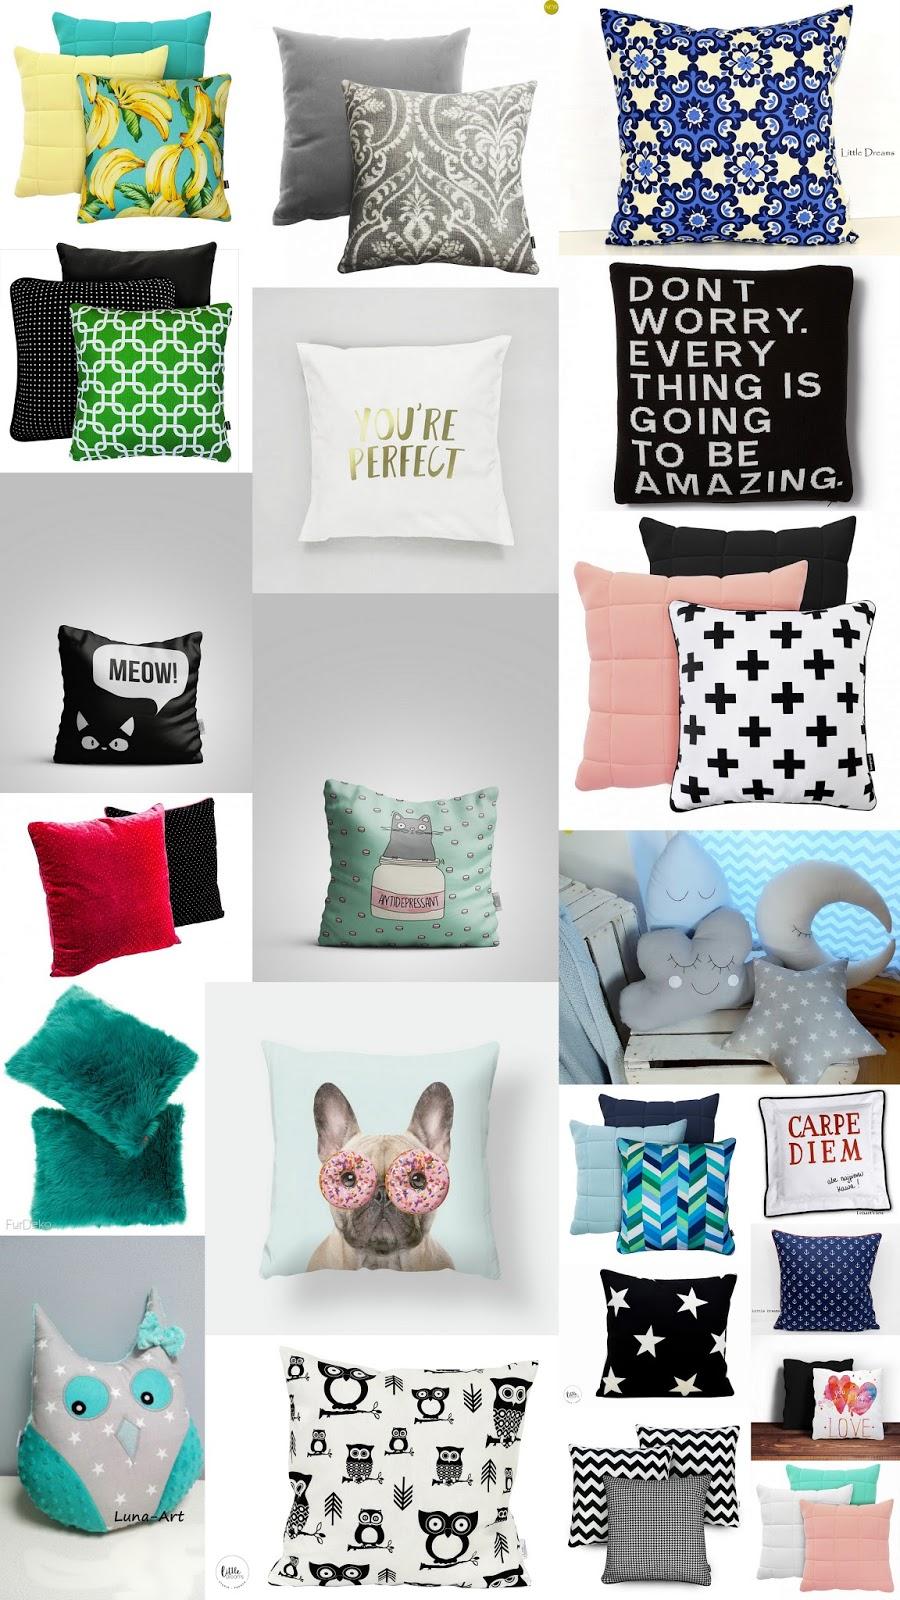 MIX INSPIRACJI #2: Poduszki, które ożywią każde wnętrze